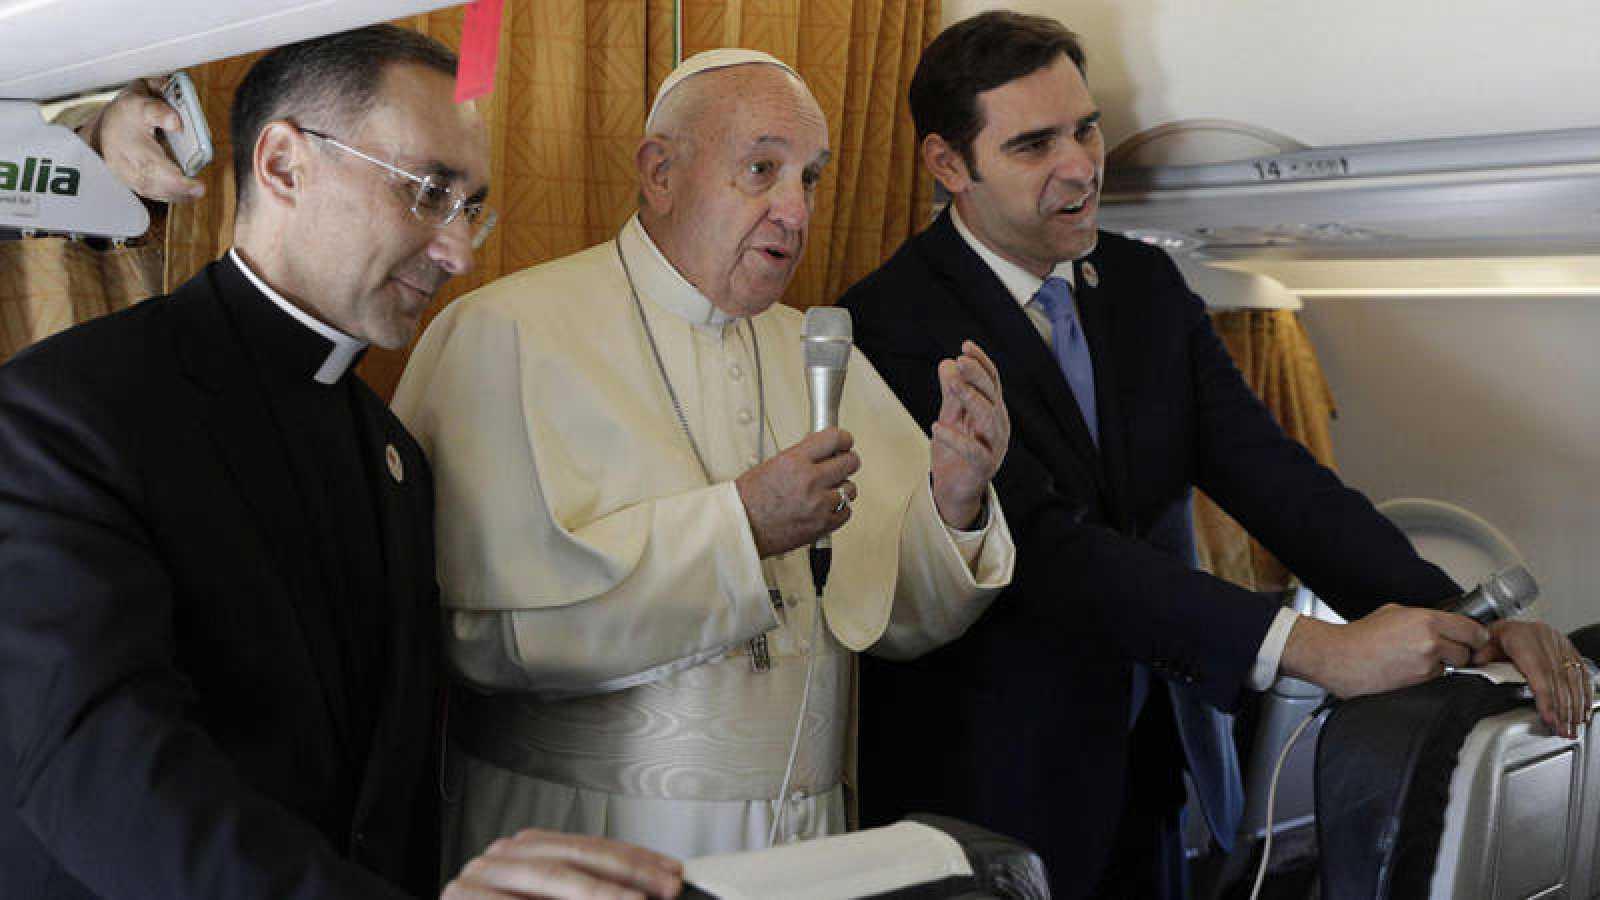 El papa responde a preguntas de los periodistas que viajan con él a Marruecos en el avión papal